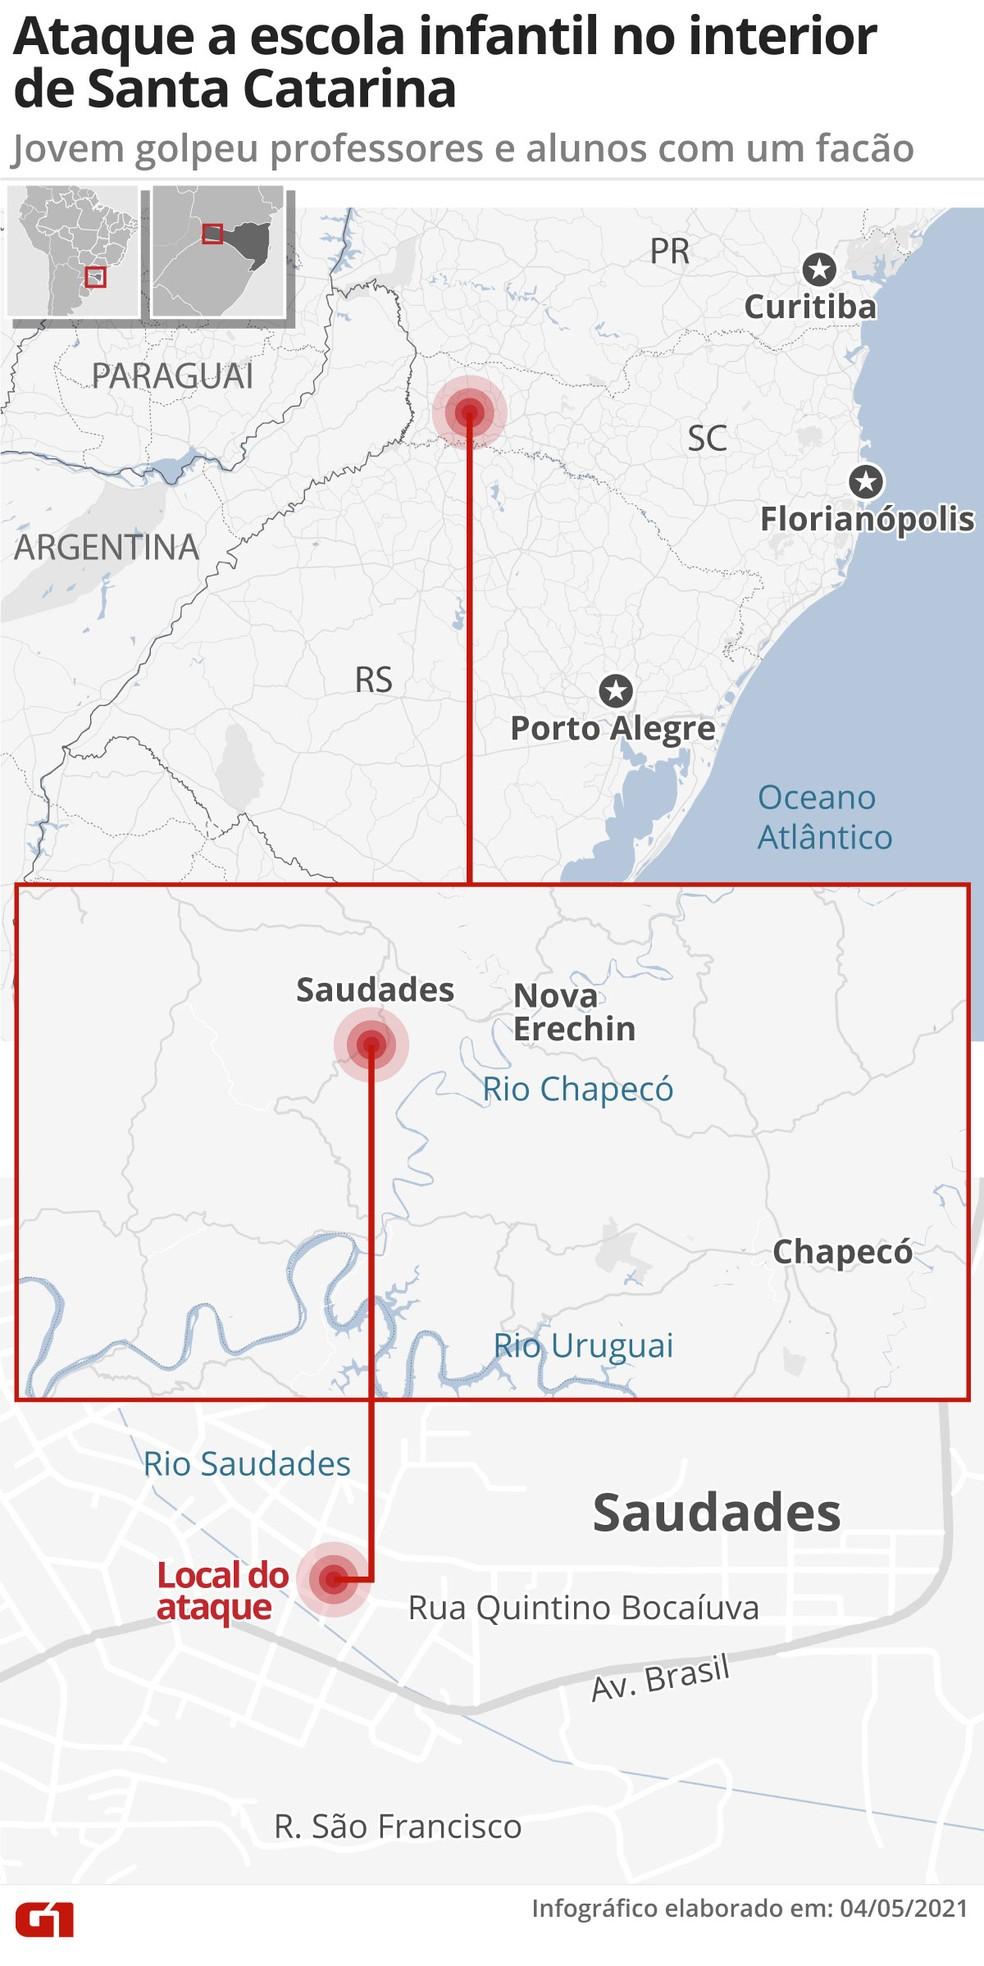 Atentado a creche em SC: infográfico mostra onde fica o estabelecimento em Santa Catarina — Foto: Editoria de arte/G1